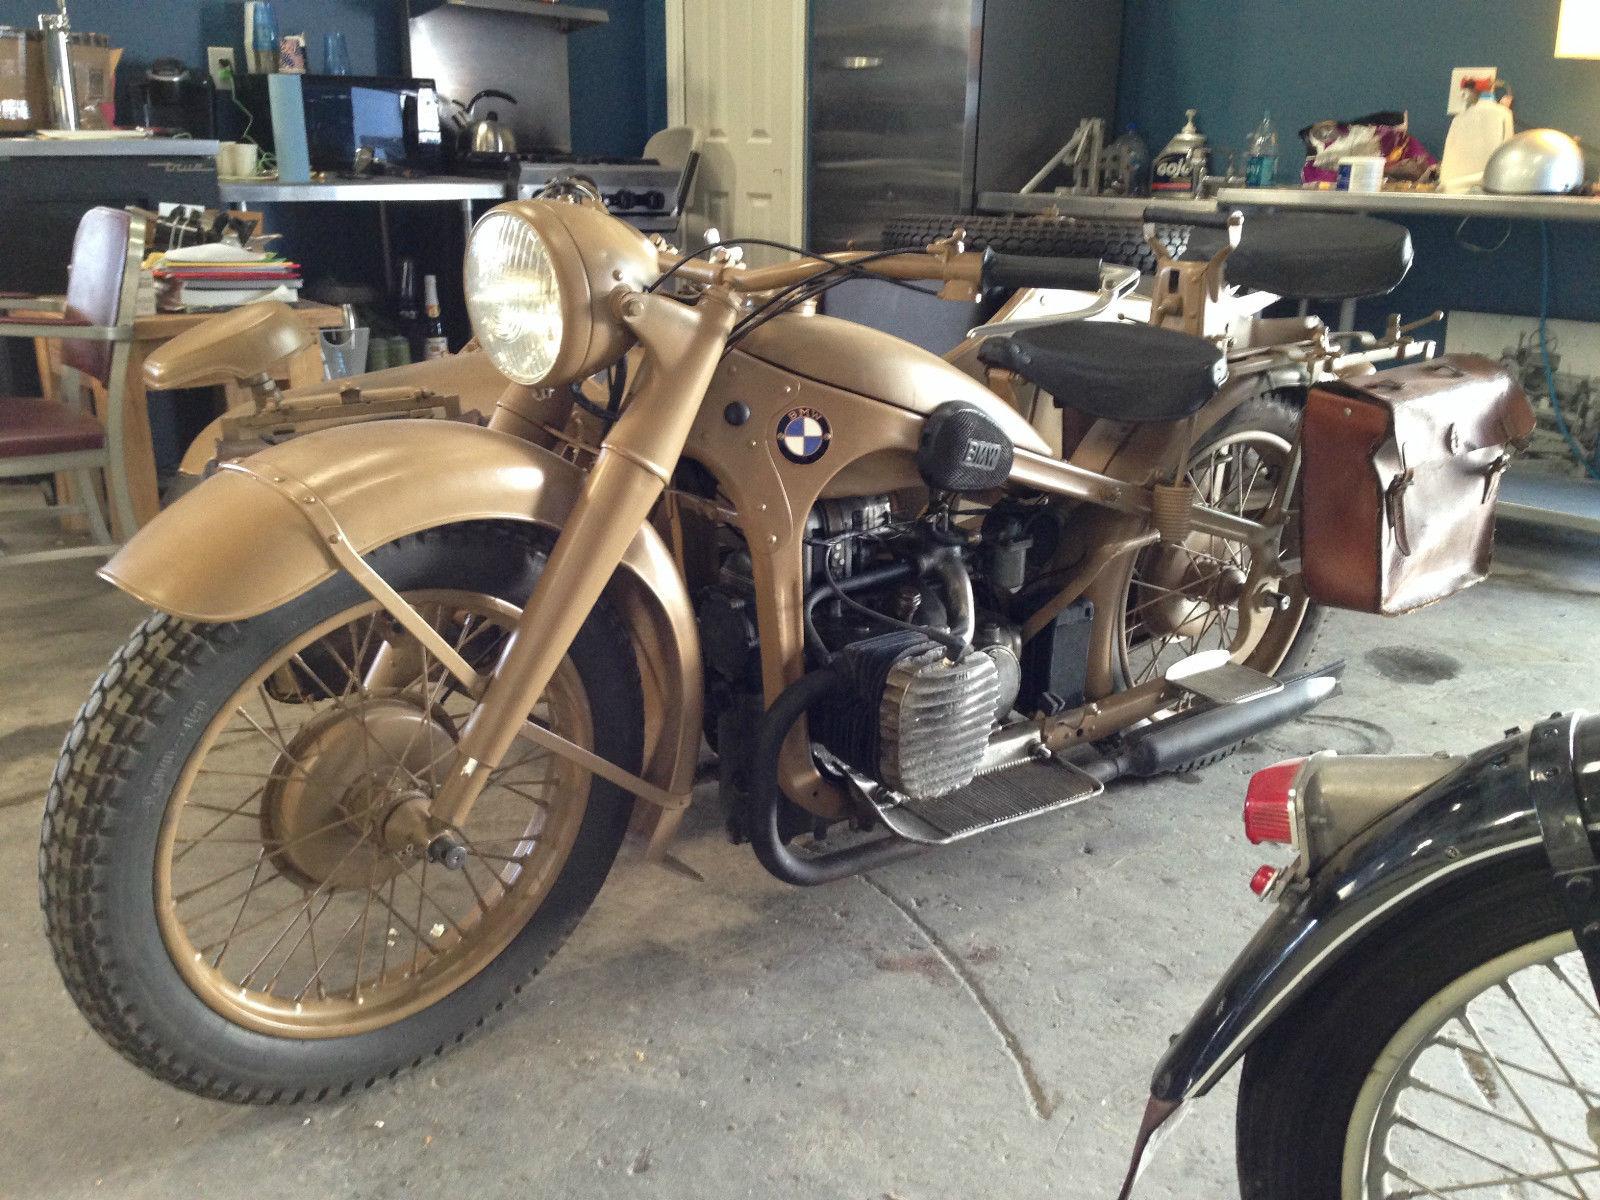 wehrmacht – 1941 bmw r12 military sidecar | bike-urious